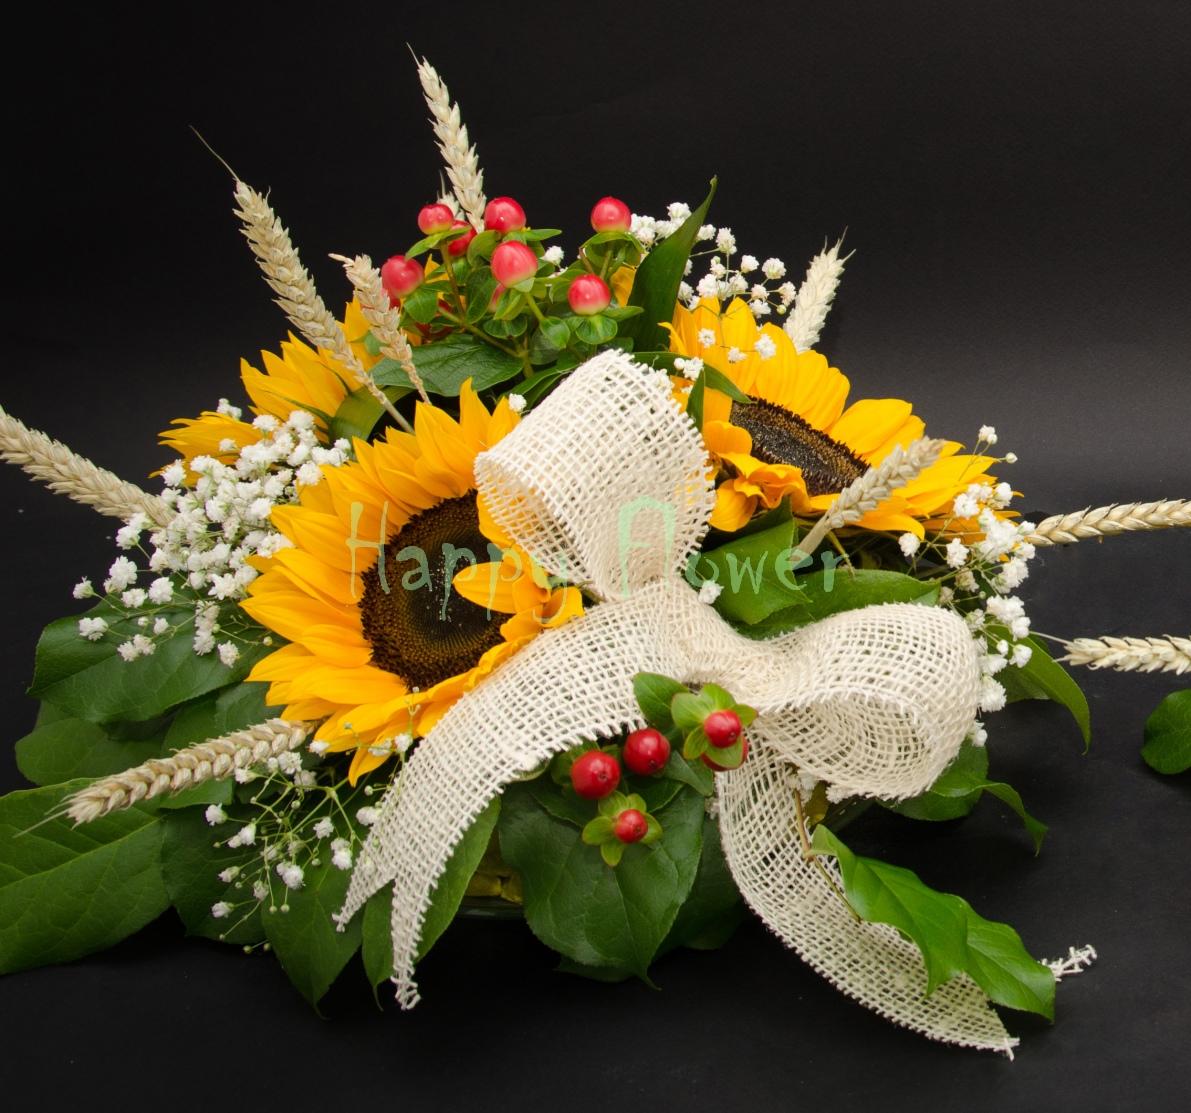 Aranjamente De Masa Cu Floarea Soarelui Si Spice De Grau Happy